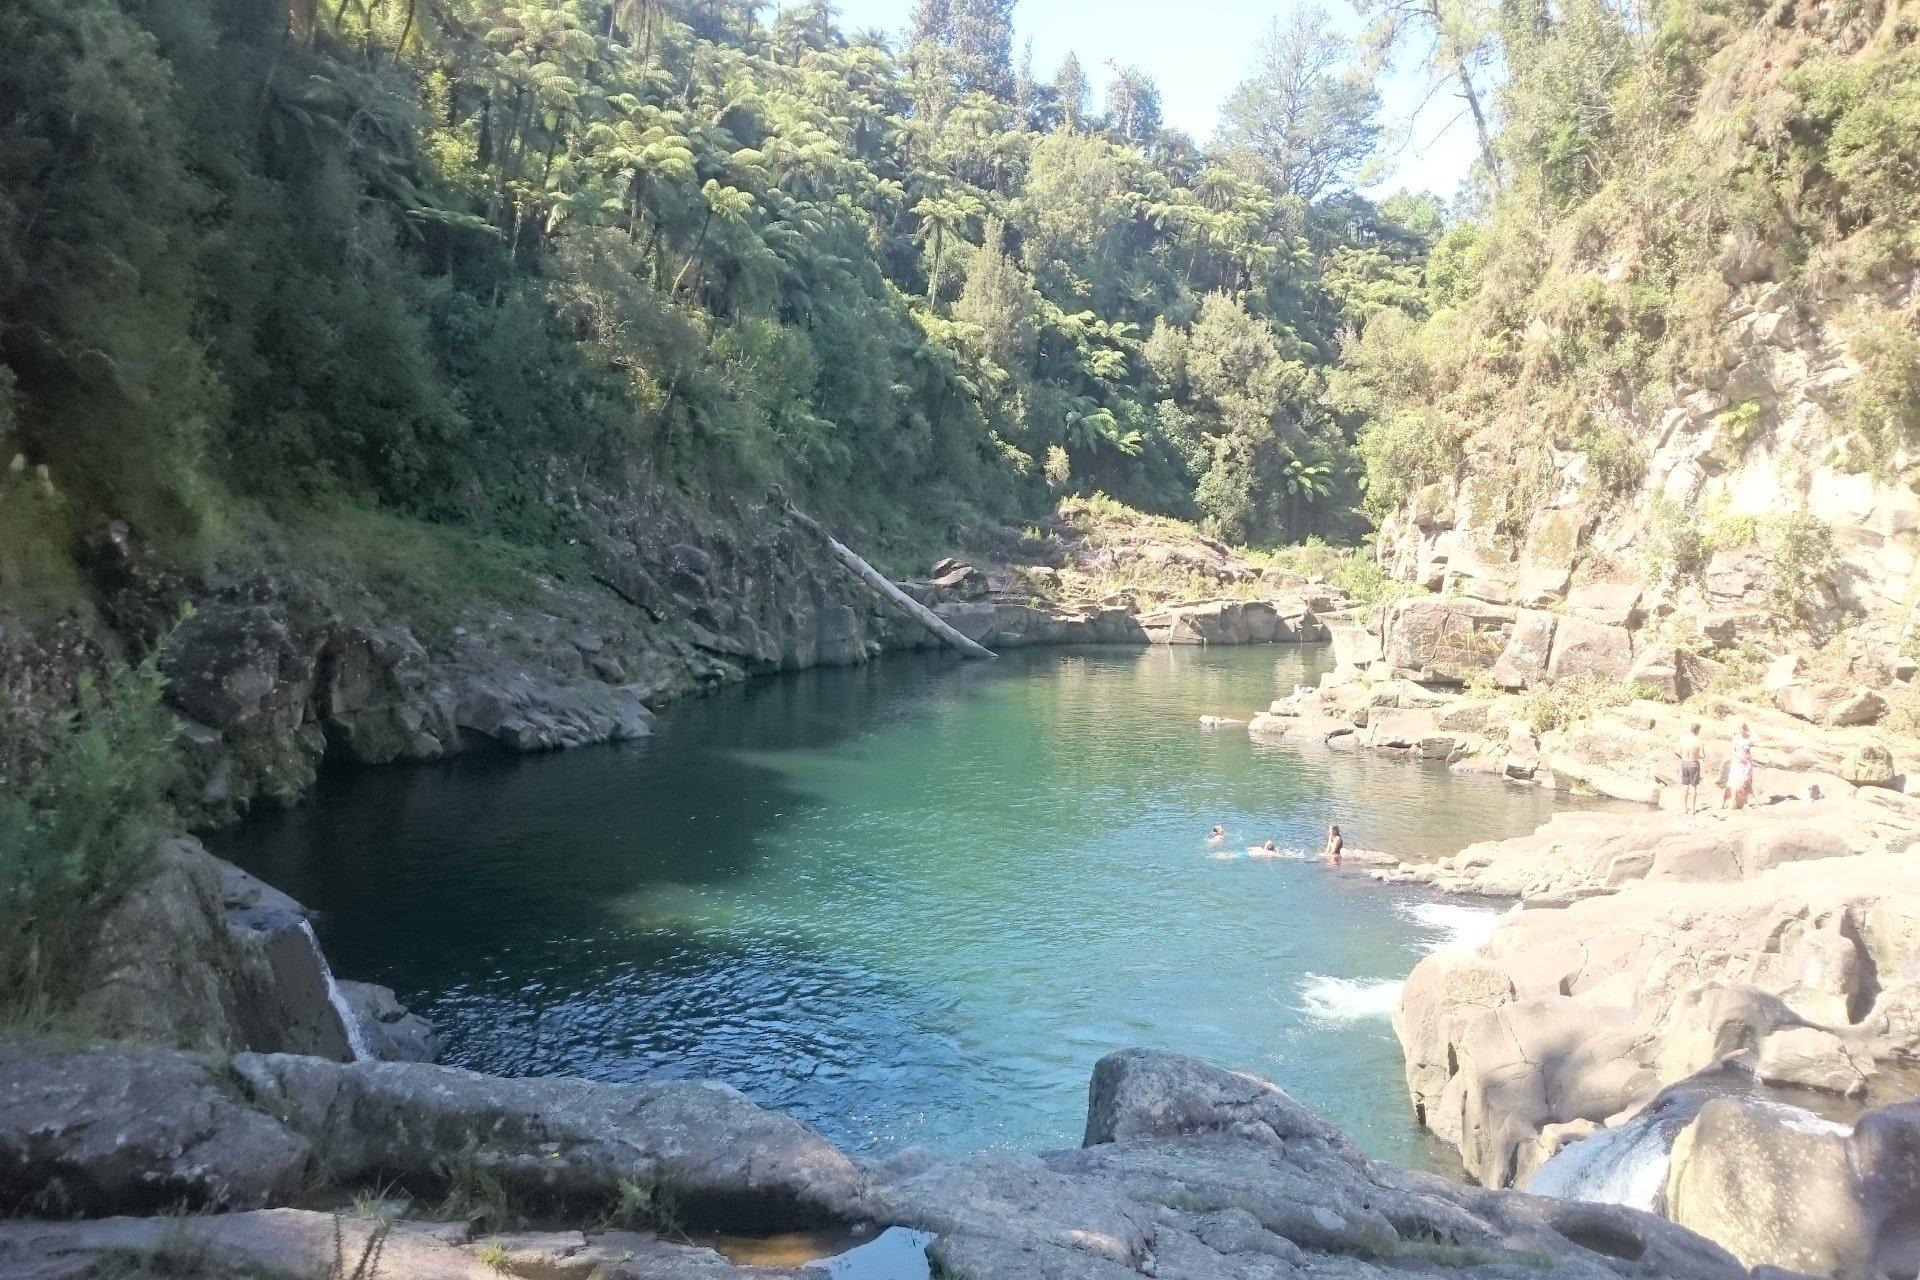 Swimming spots in Tauranga